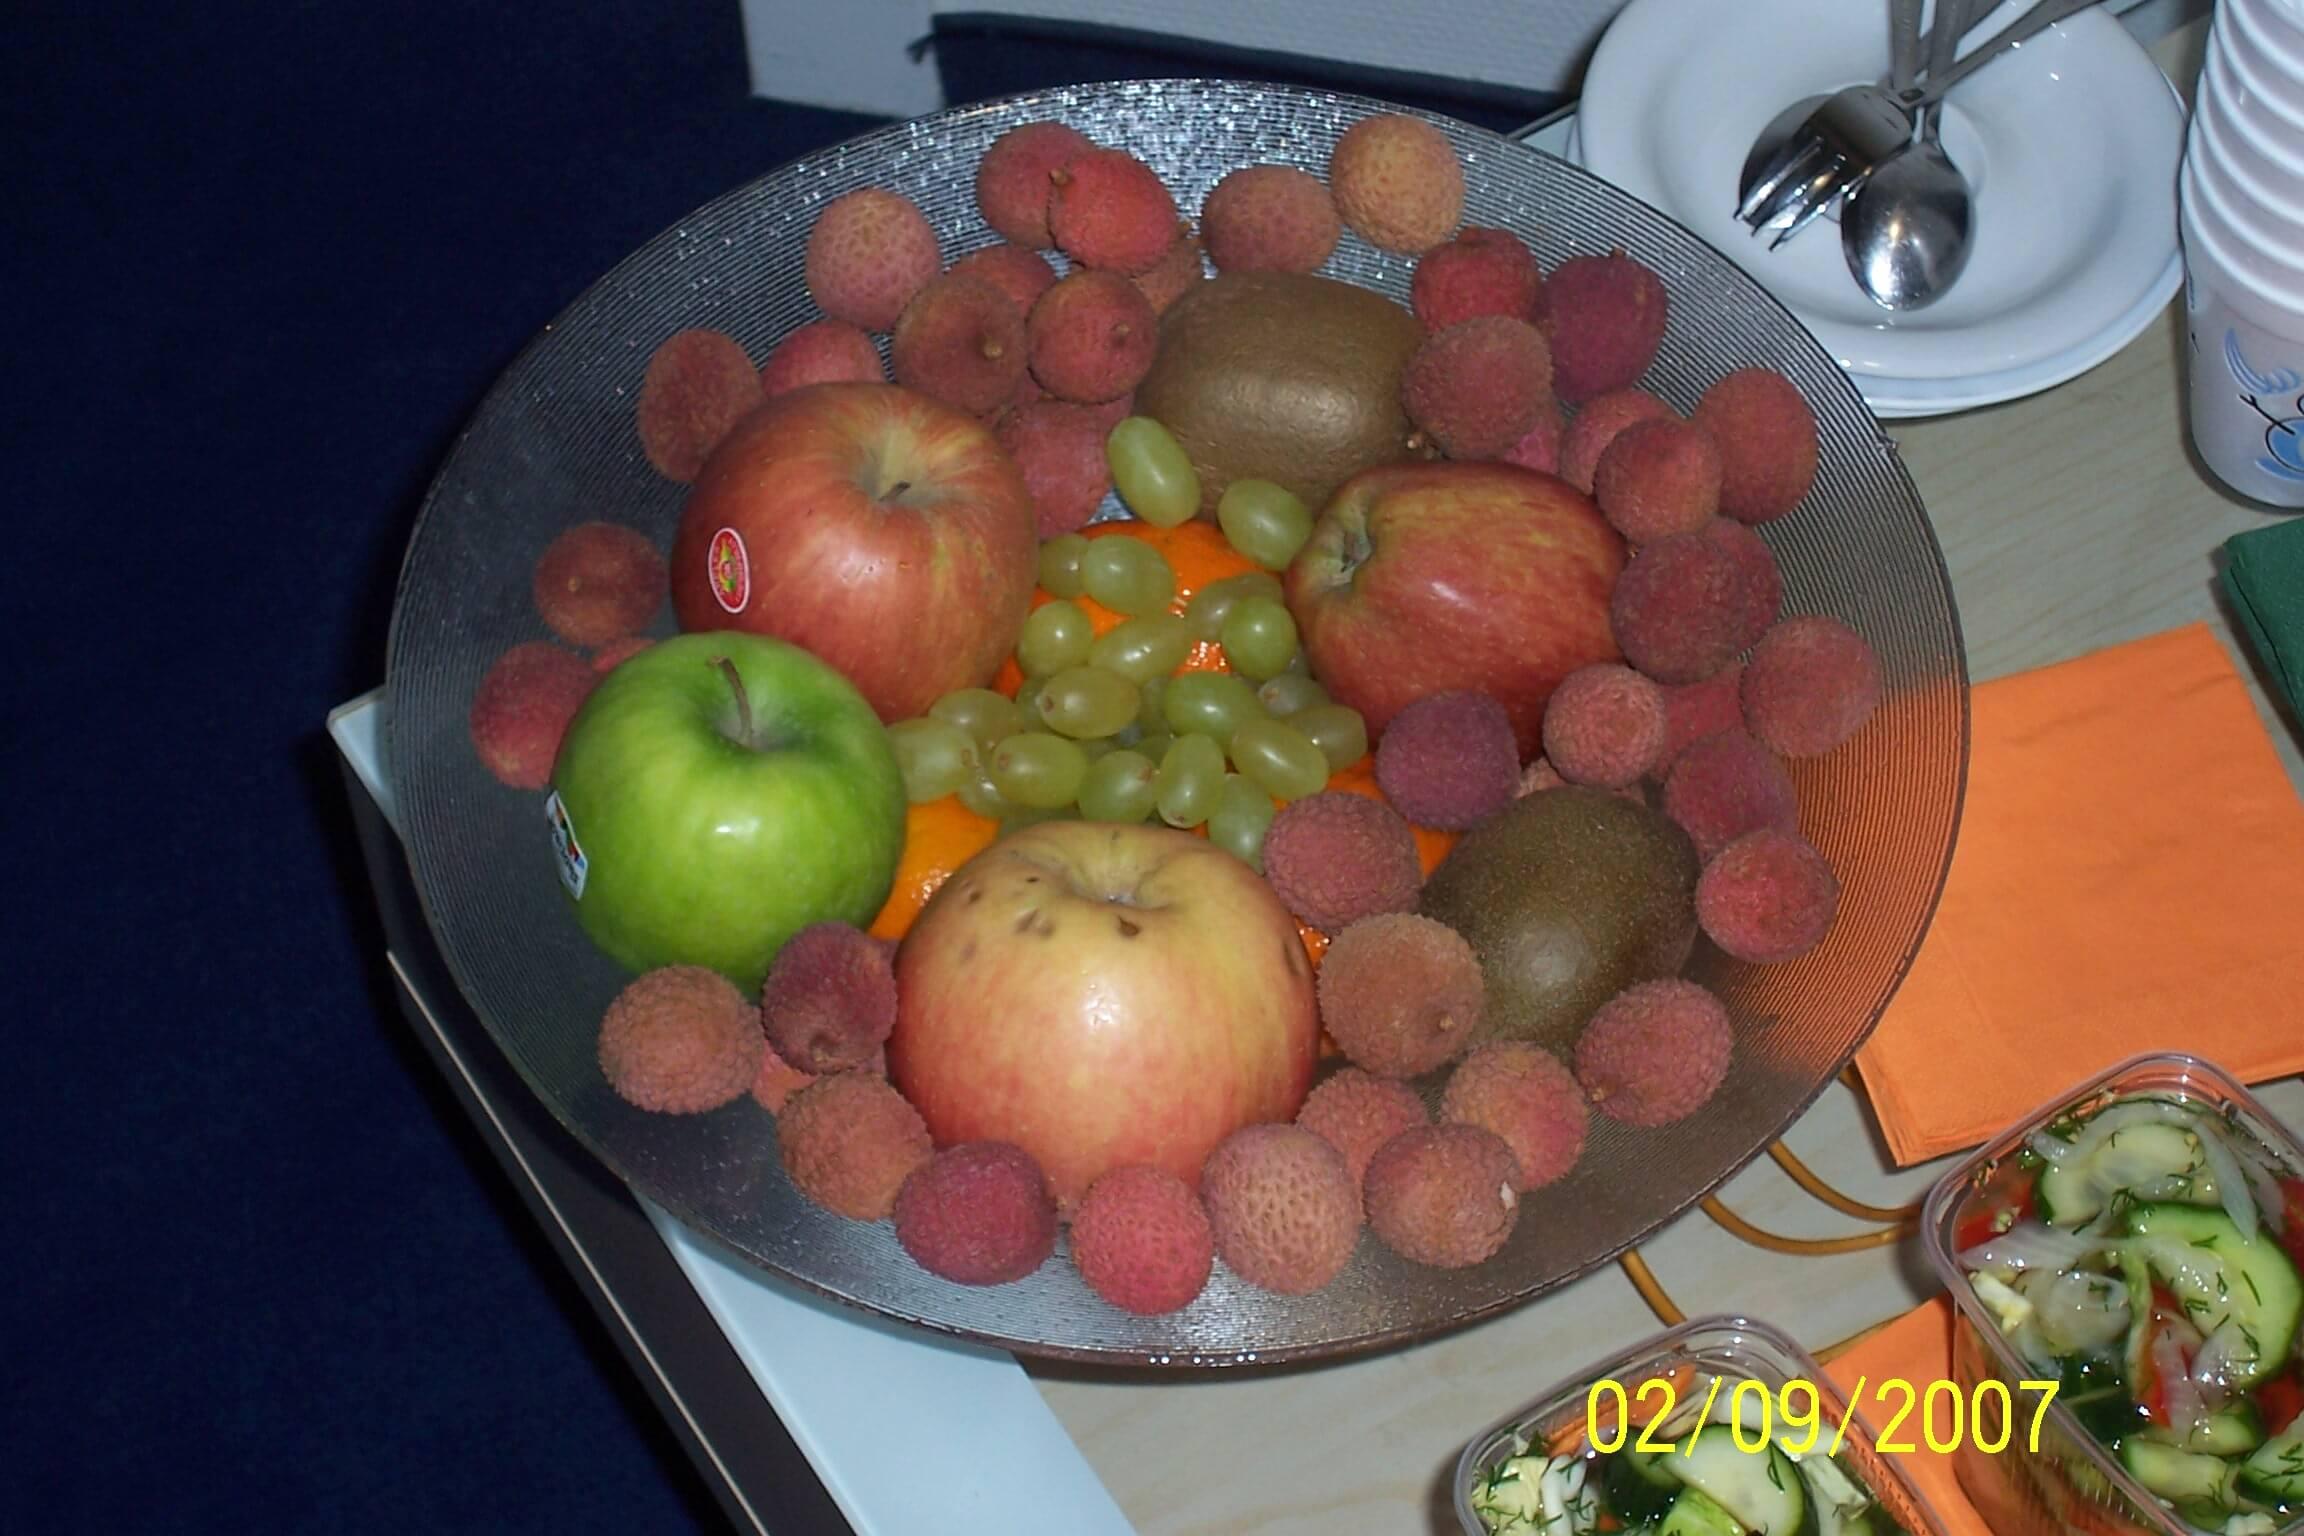 gesundes Obst gehört an jeden Arbeitsplatz (c) familienfreund.de